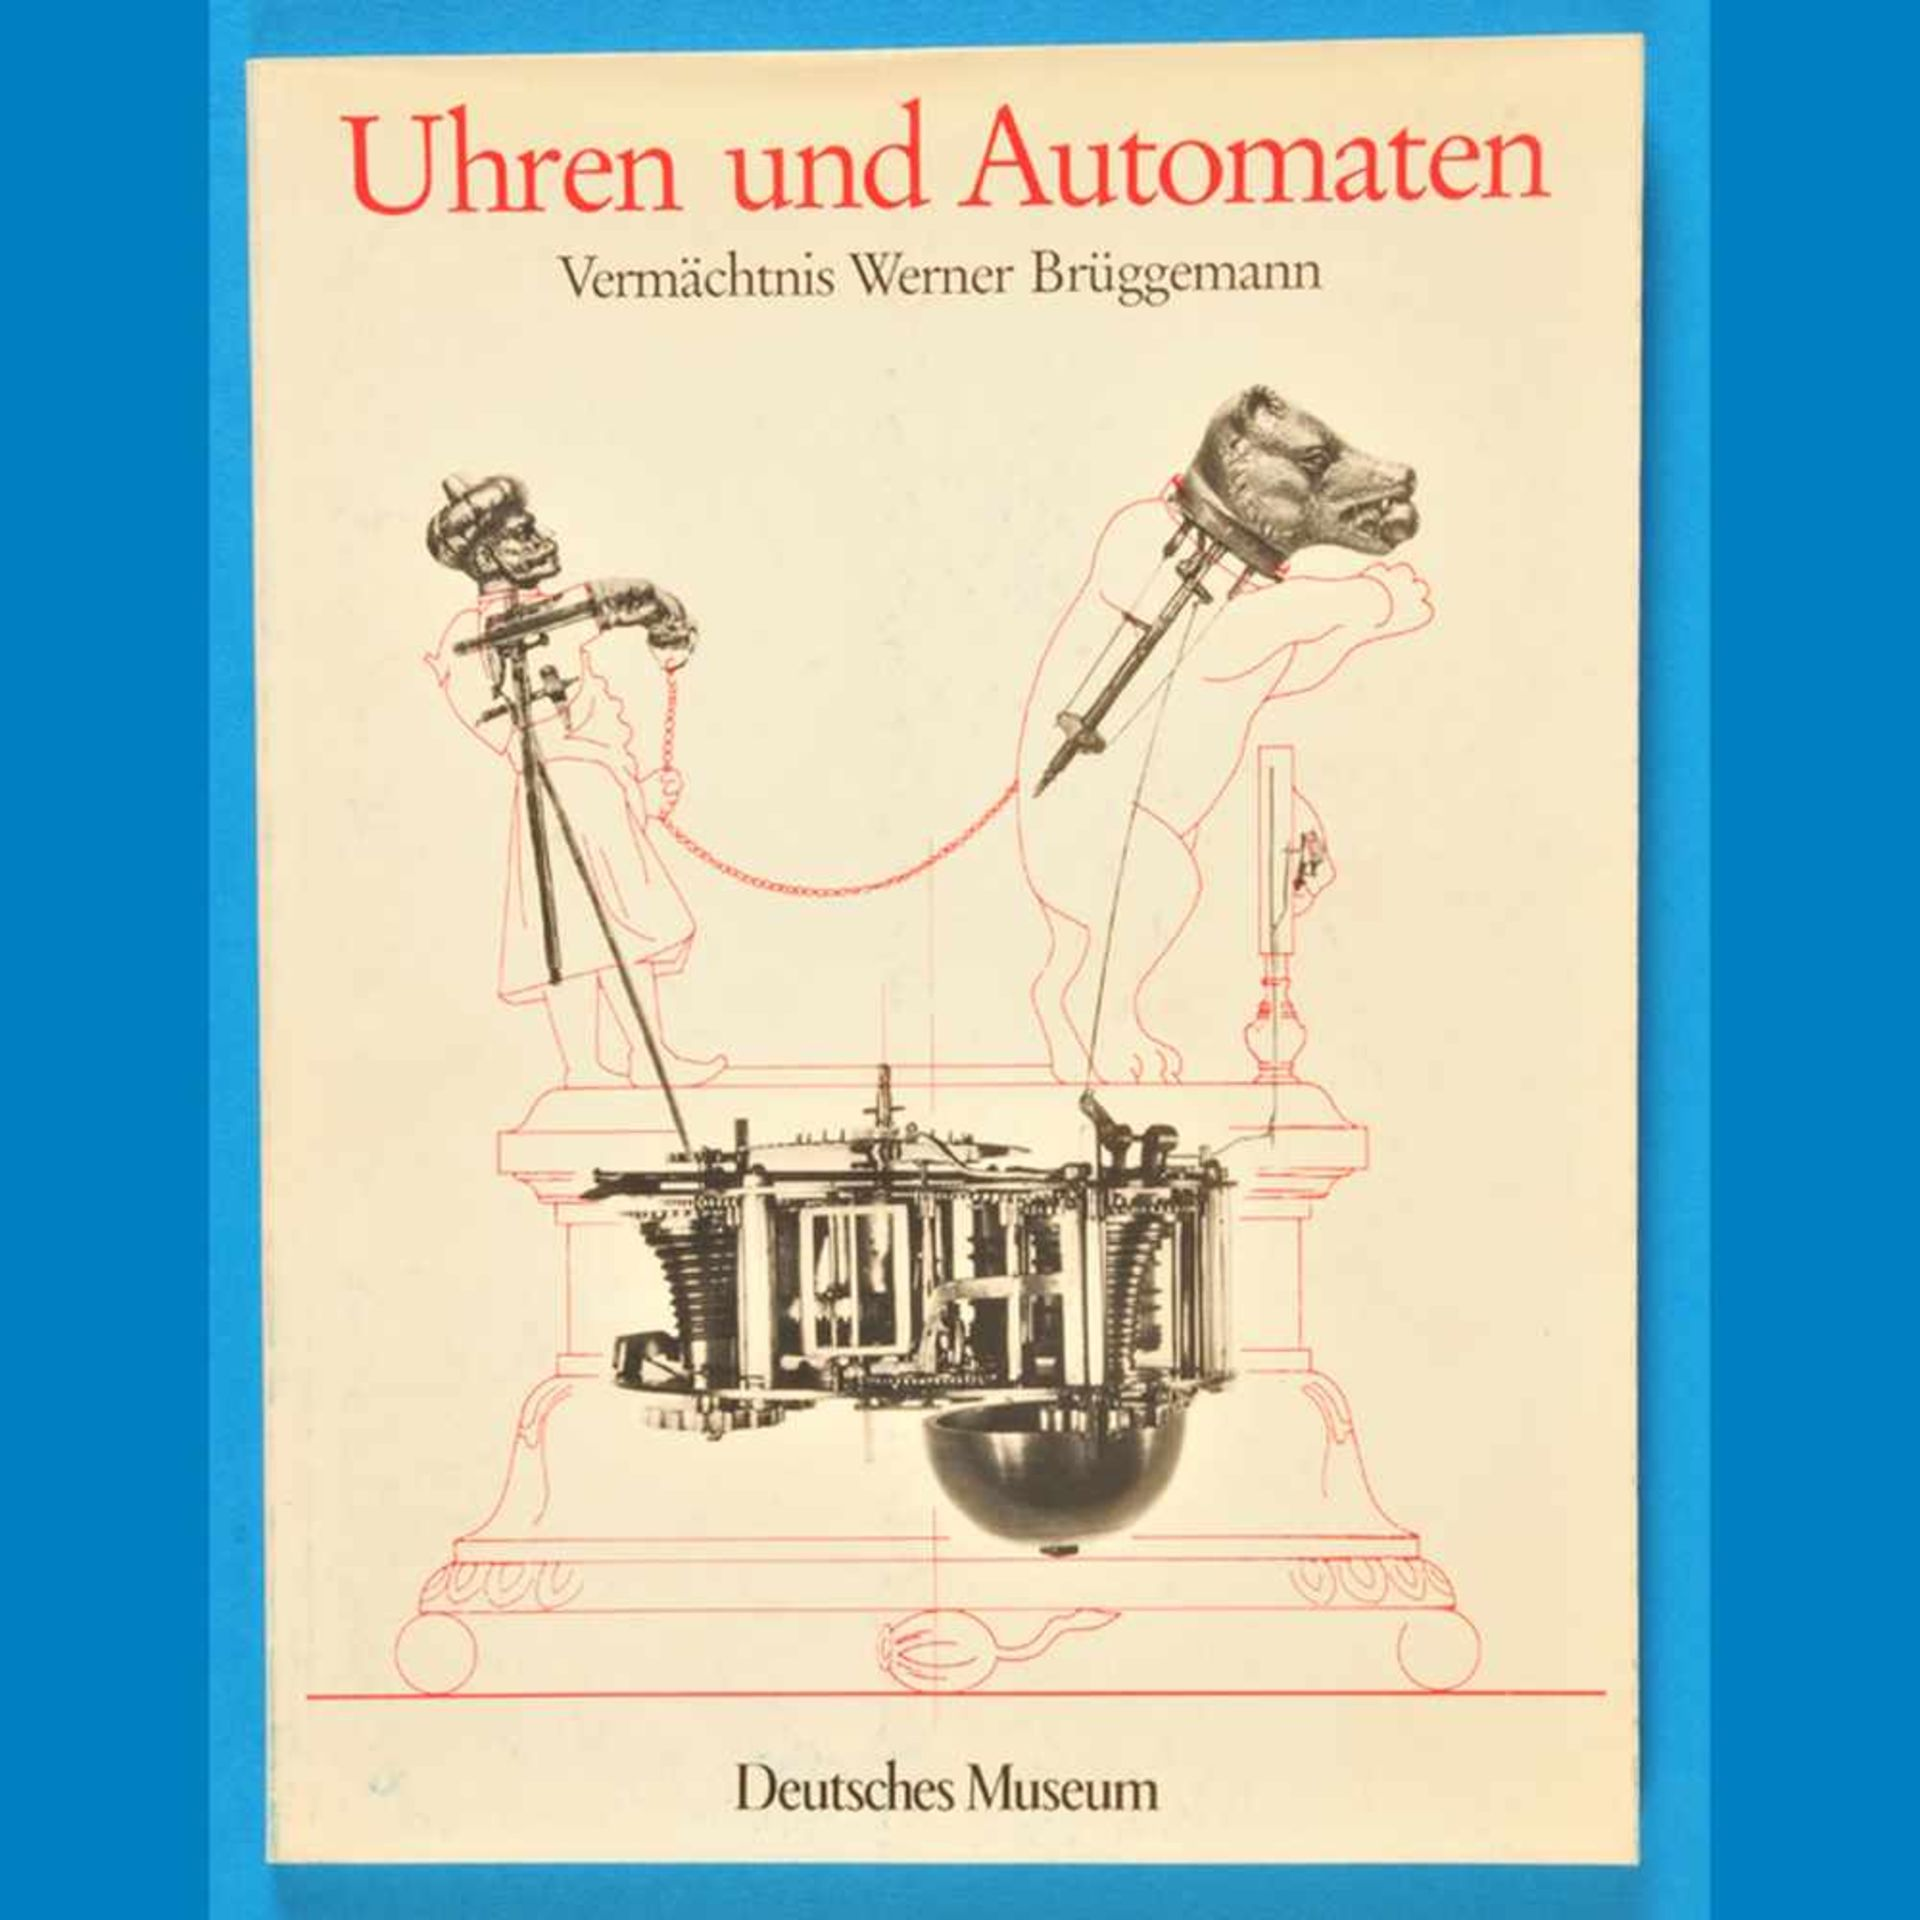 Deutsches Museum München, Uhren und Automaten, Vermächtnis Werner Brüggemann, 1986Deutsches